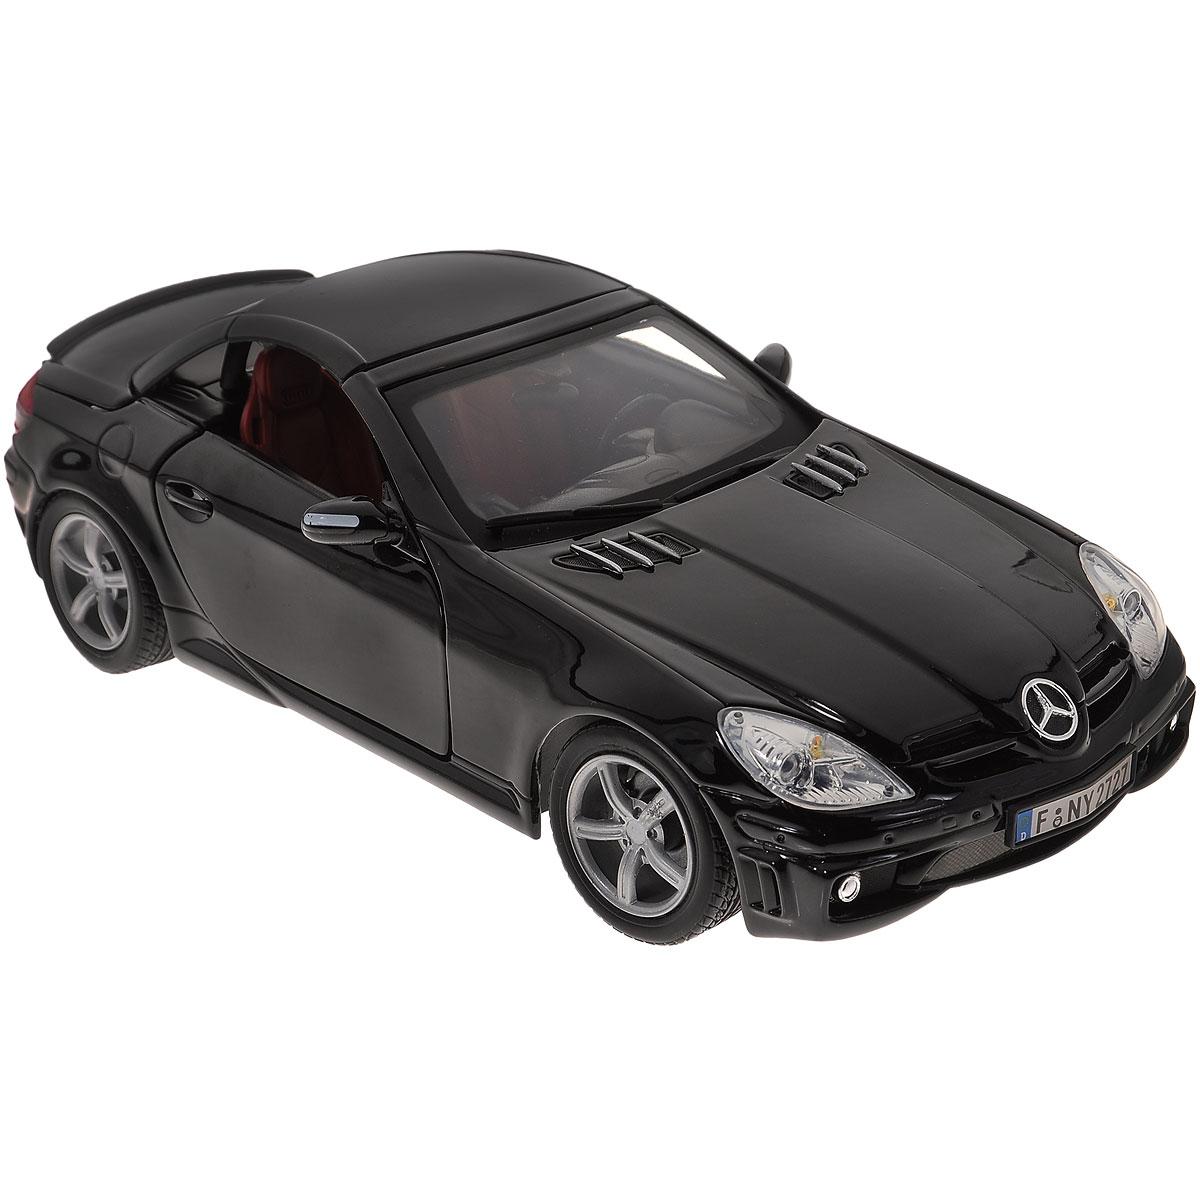 Autotime Модель автомобиля Mercedes Benz SLK55 АMG цвет черный